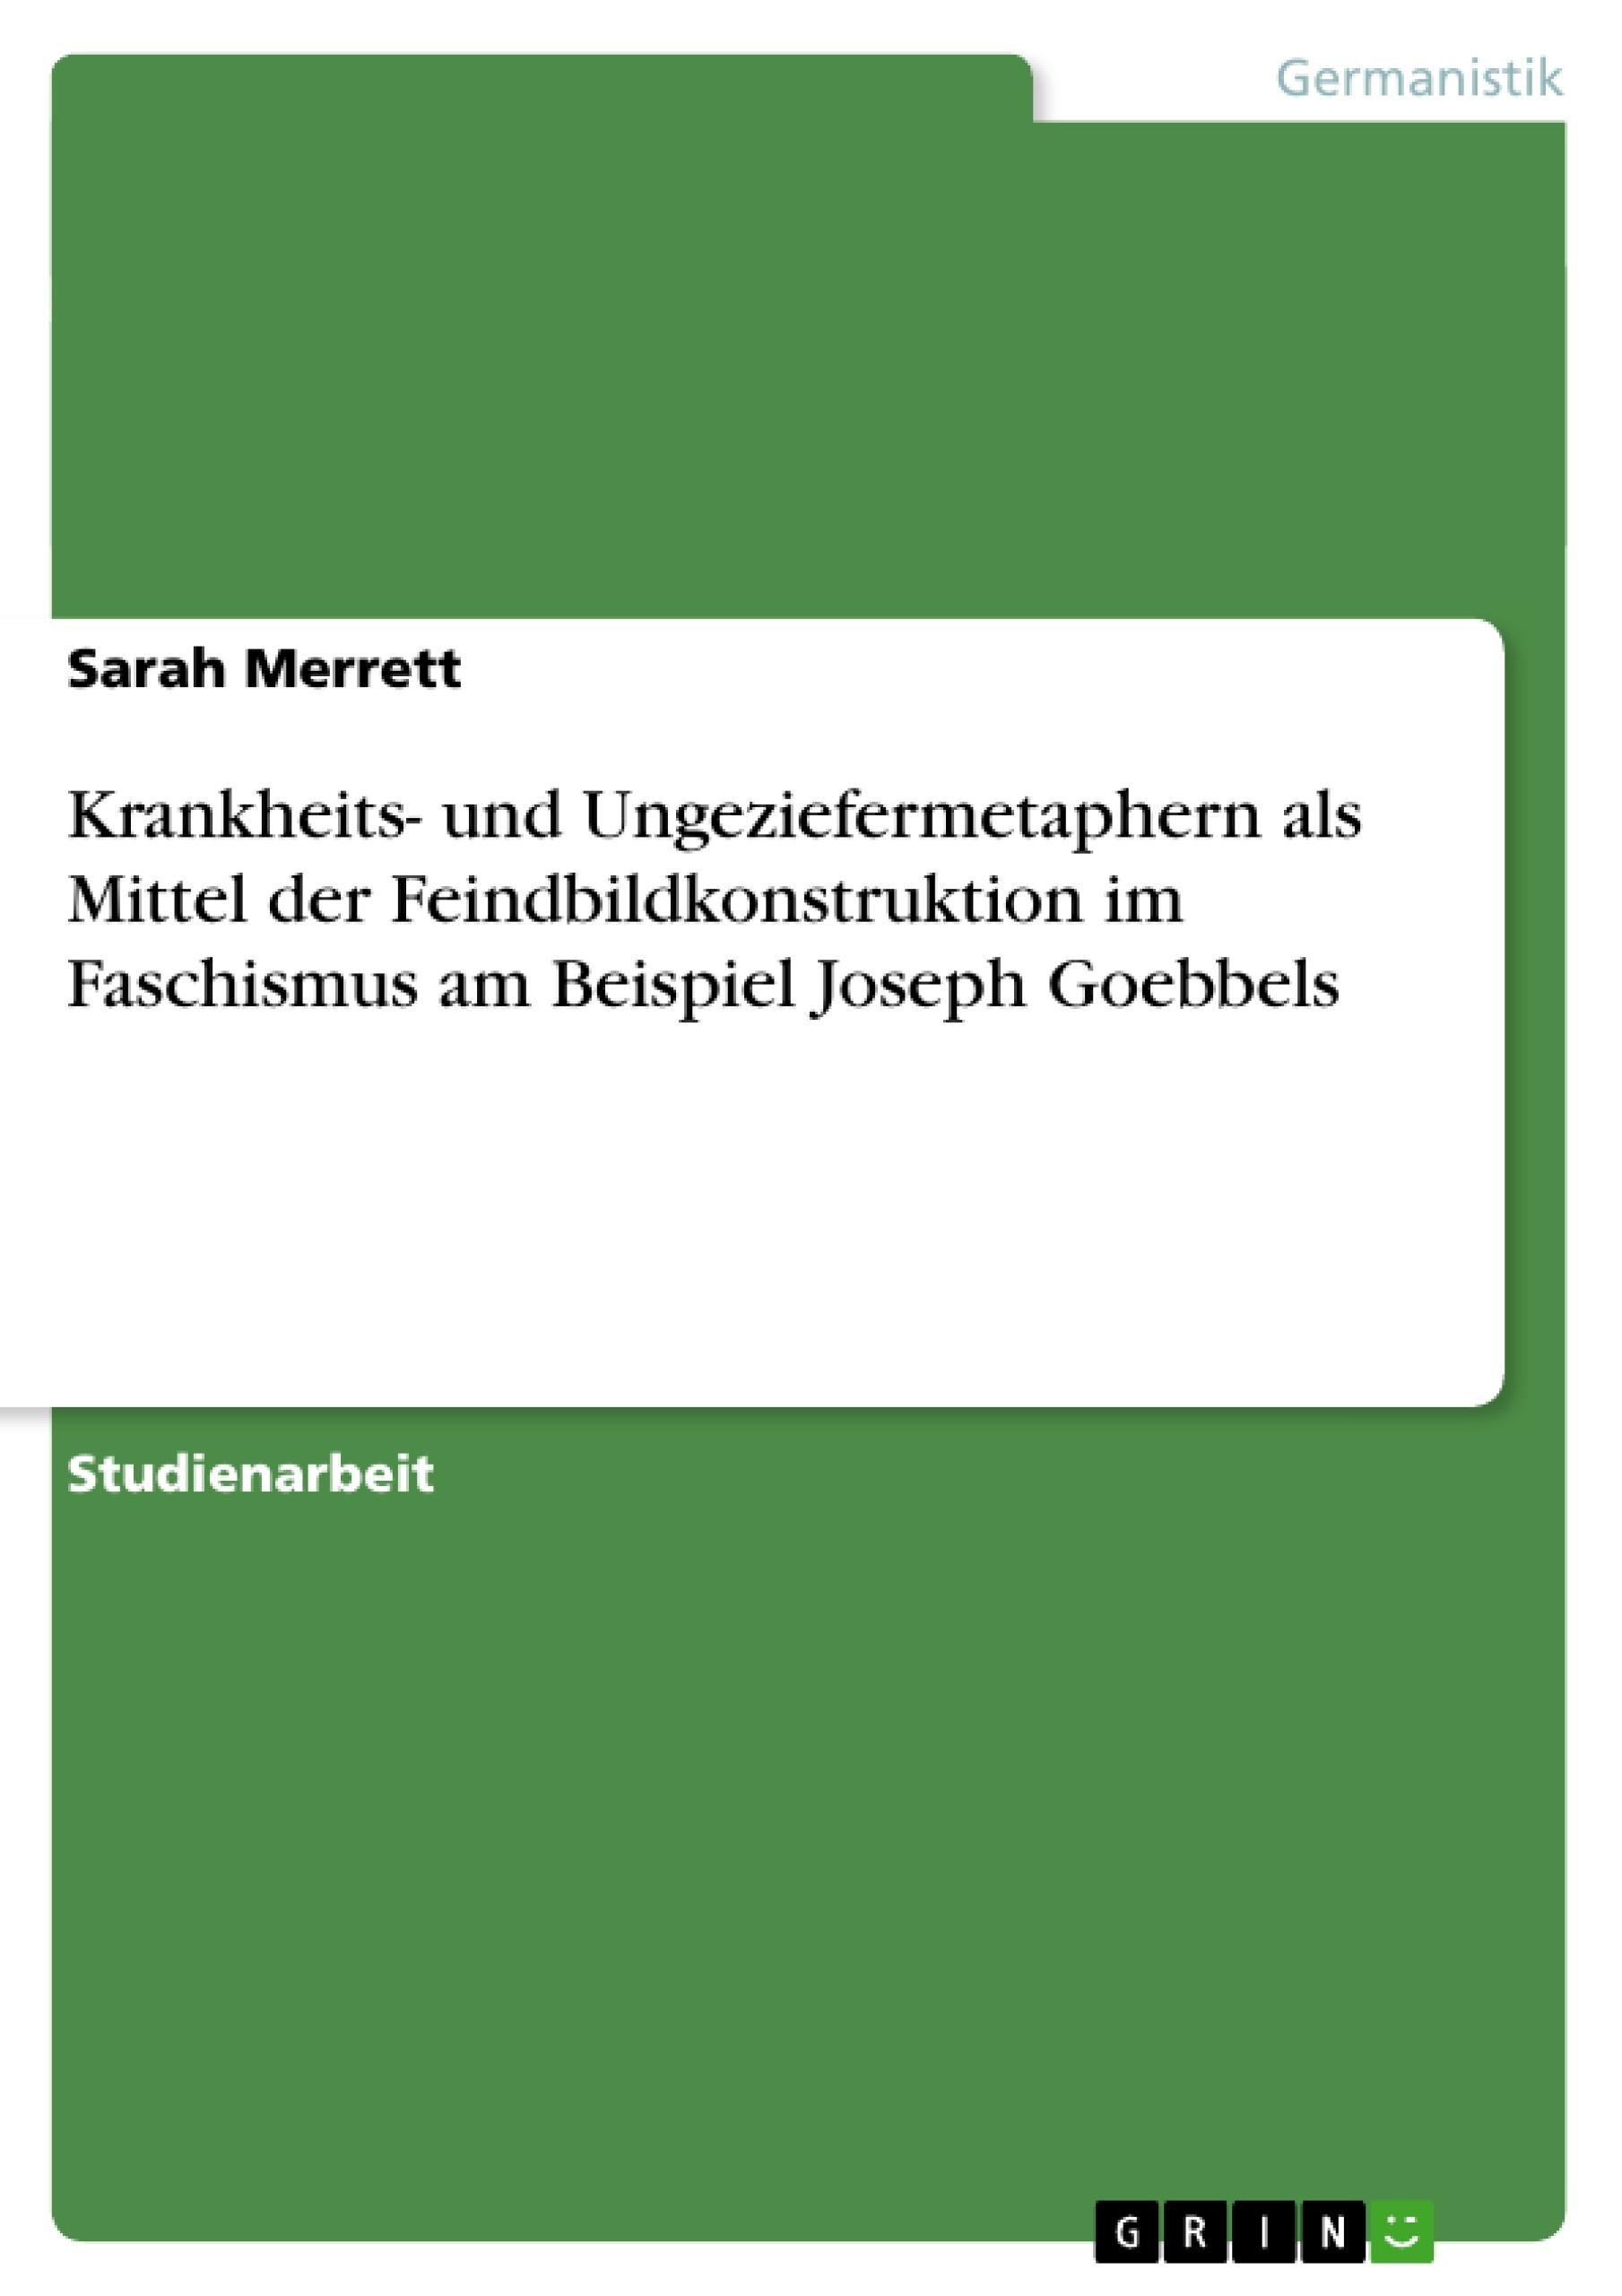 Titel: Krankheits- und Ungeziefermetaphern als Mittel der Feindbildkonstruktion im Faschismus am Beispiel Joseph Goebbels